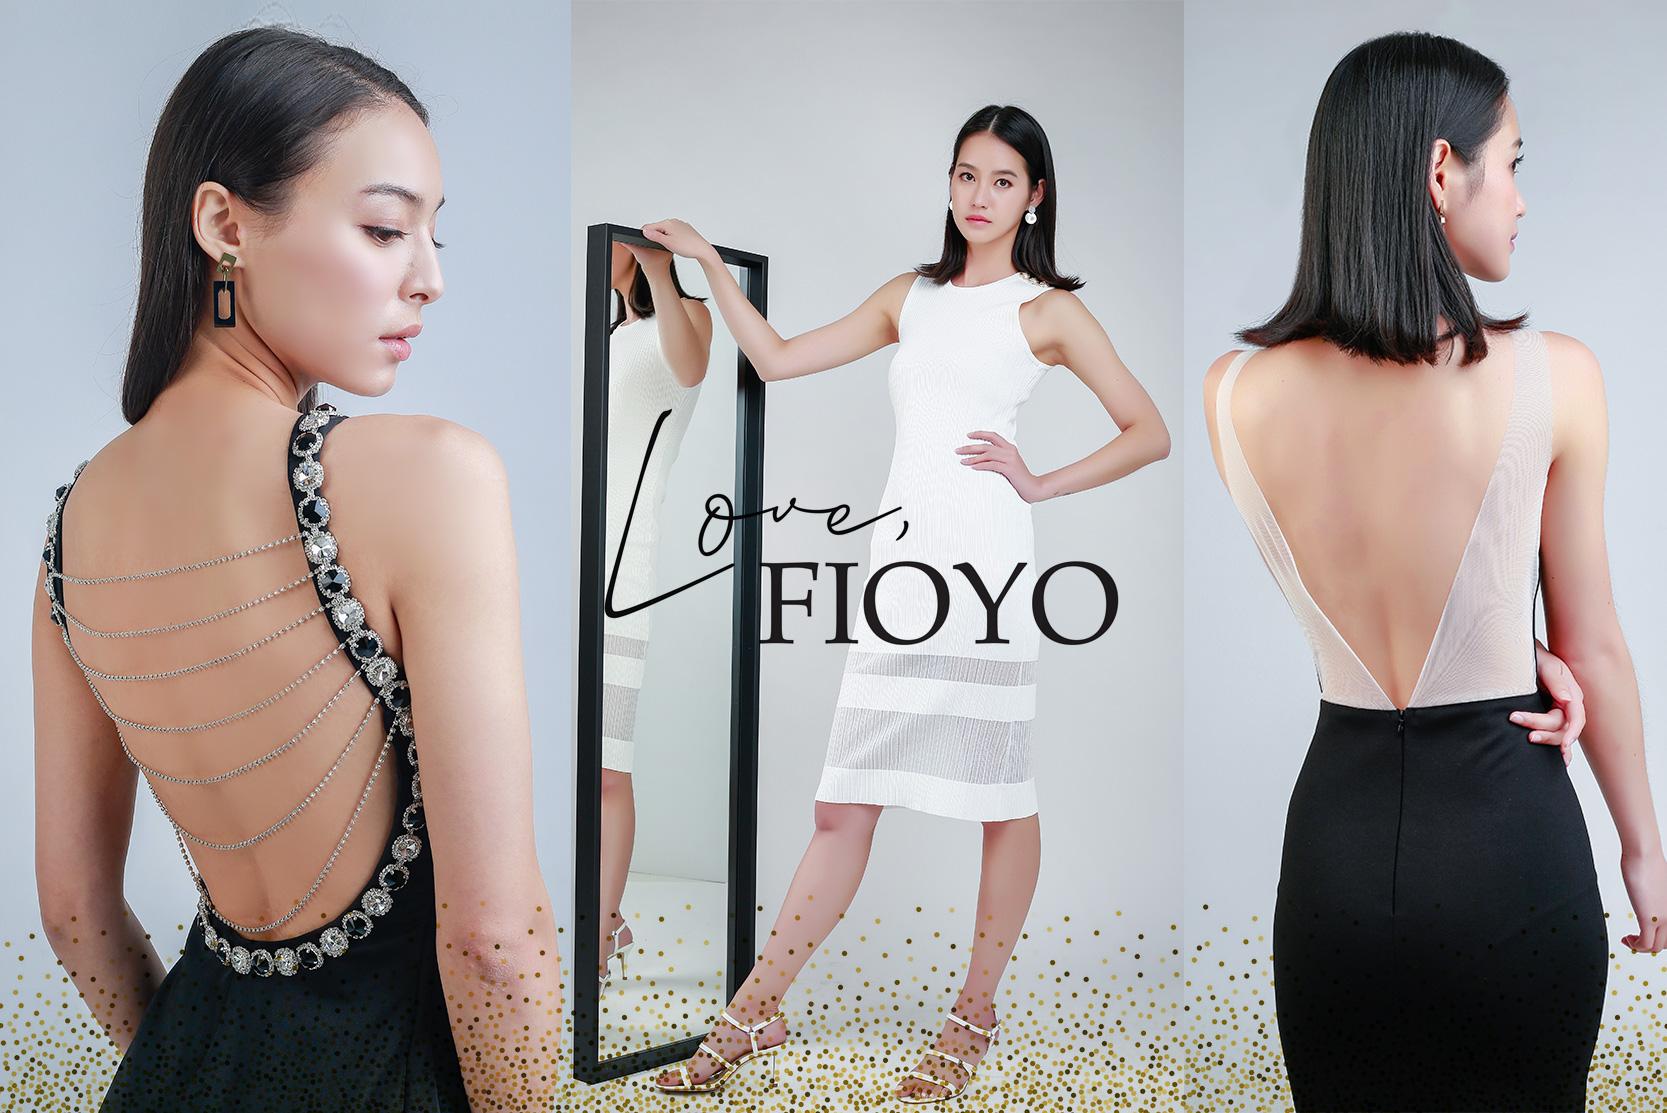 shop dresses Singapore -- Love, Fioyo